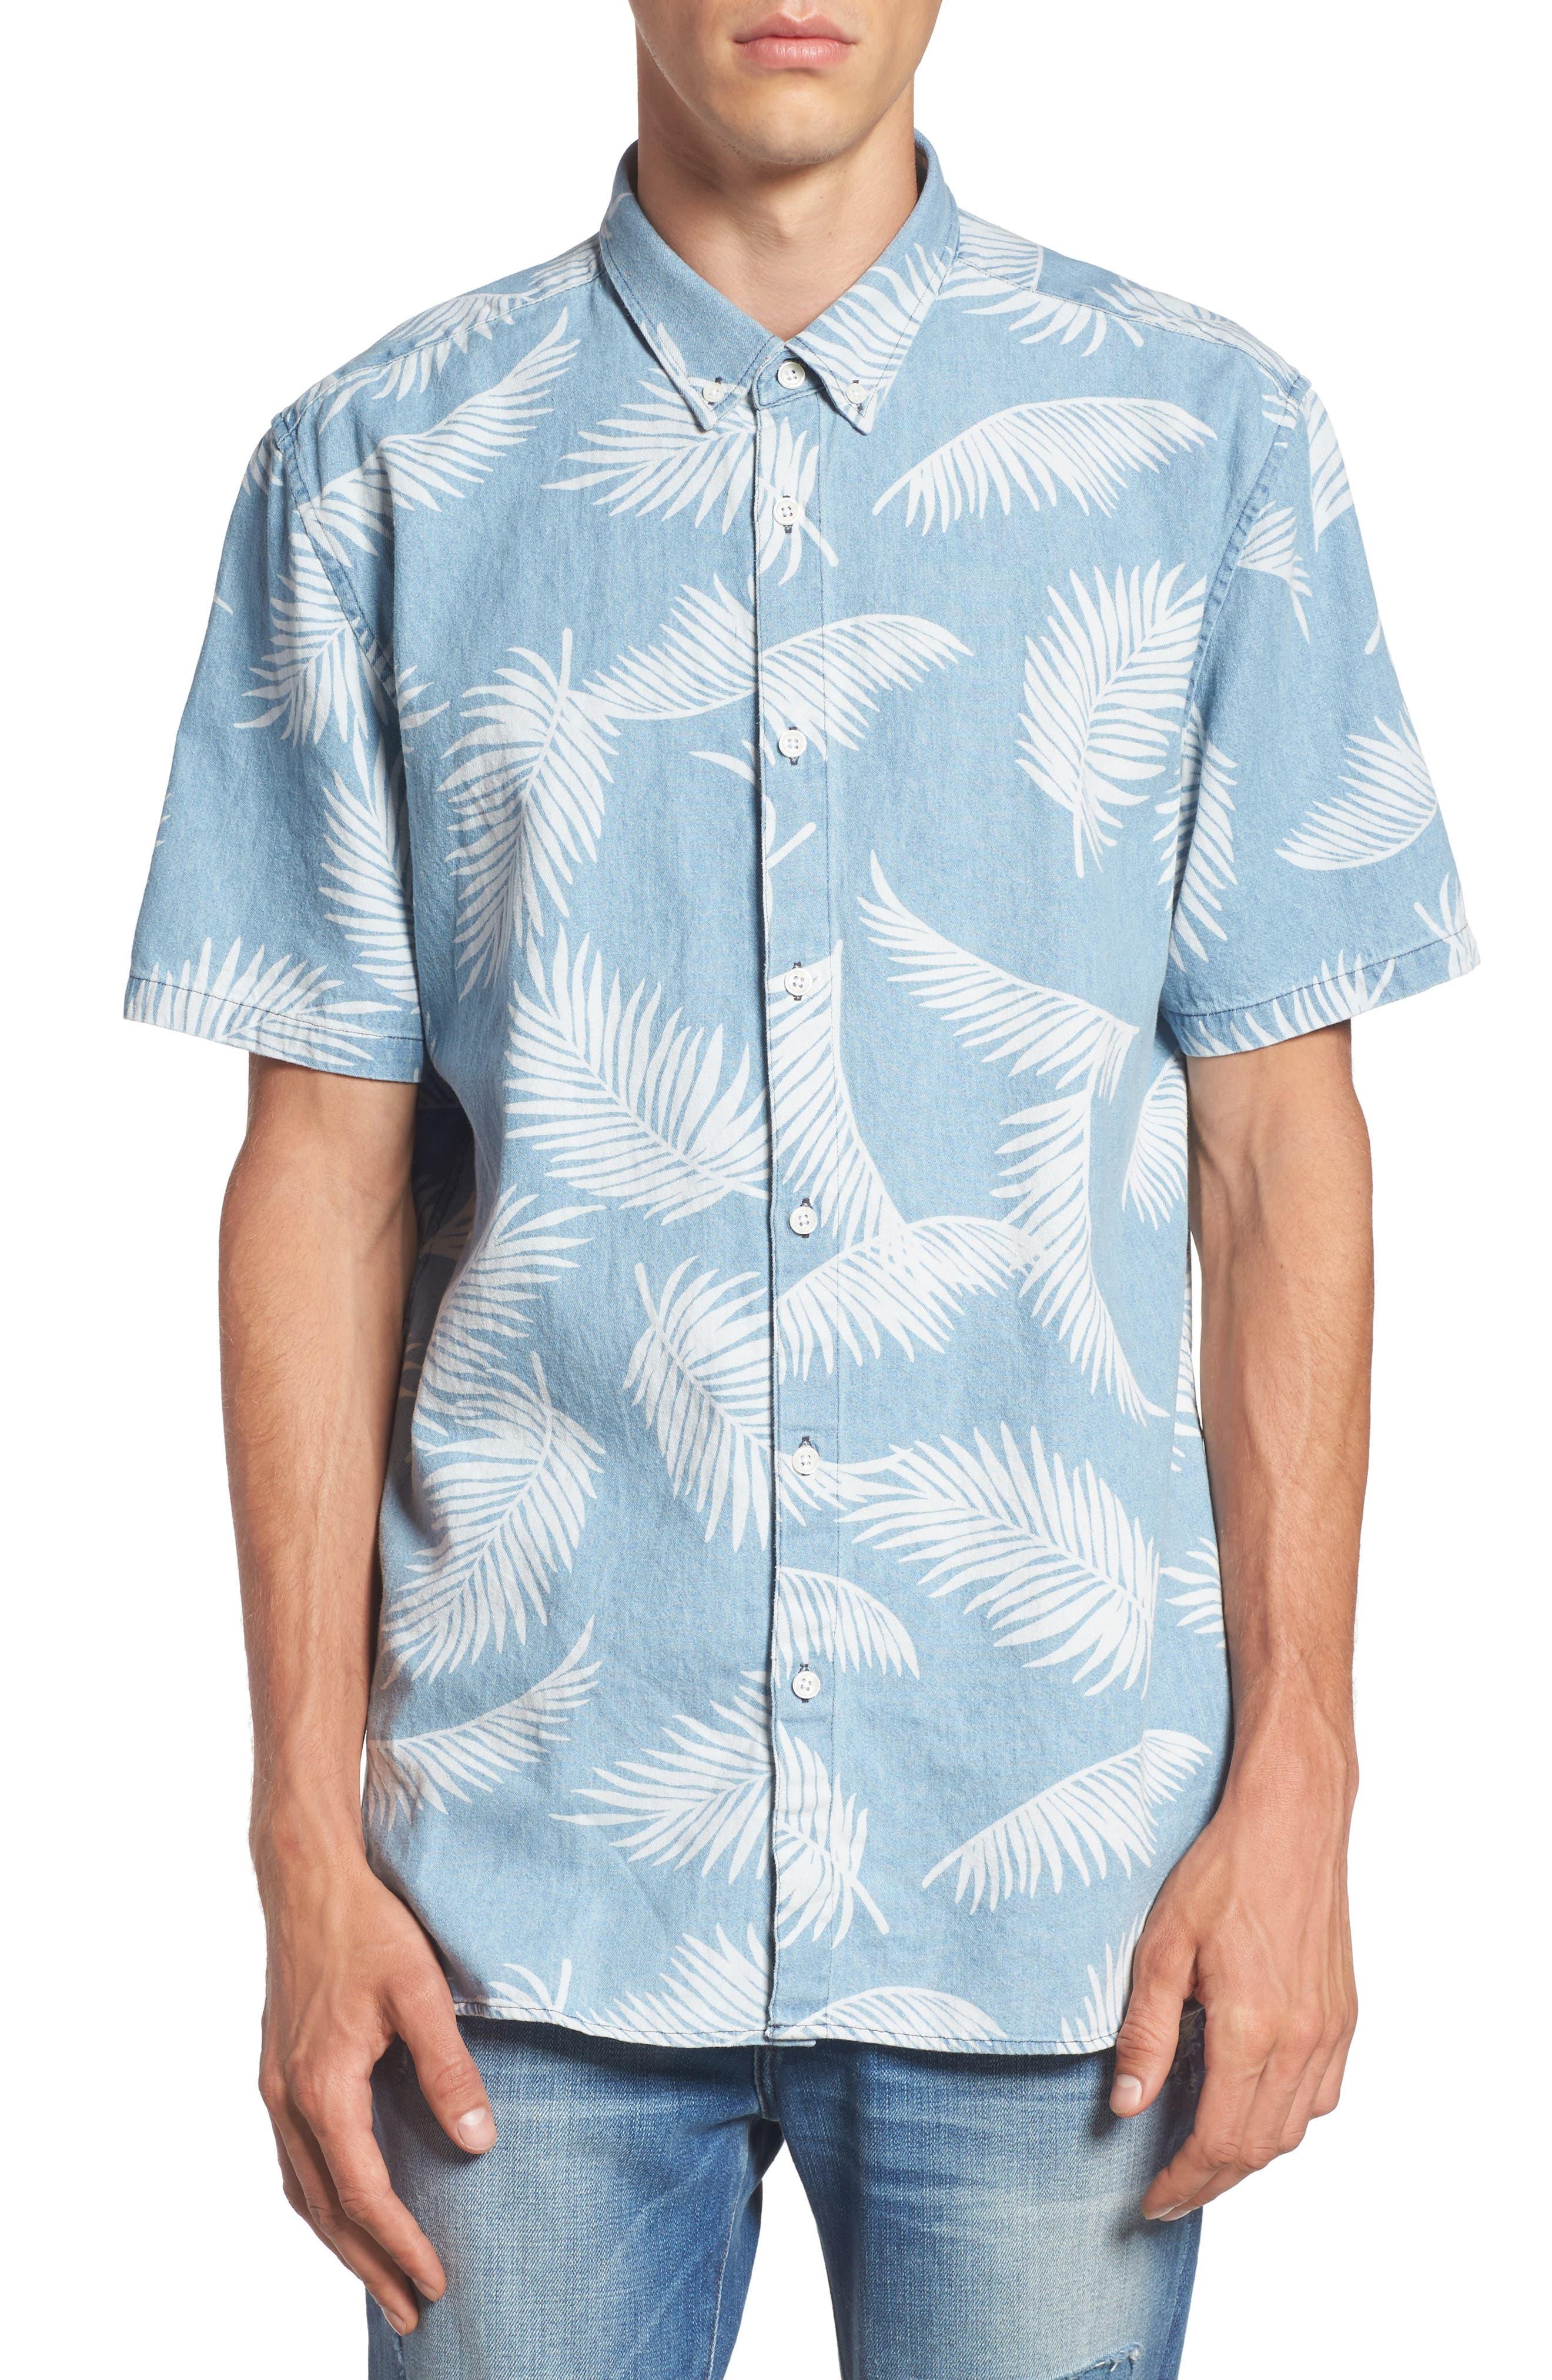 Bahamas Shirt,                         Main,                         color, Indigo/ Floral